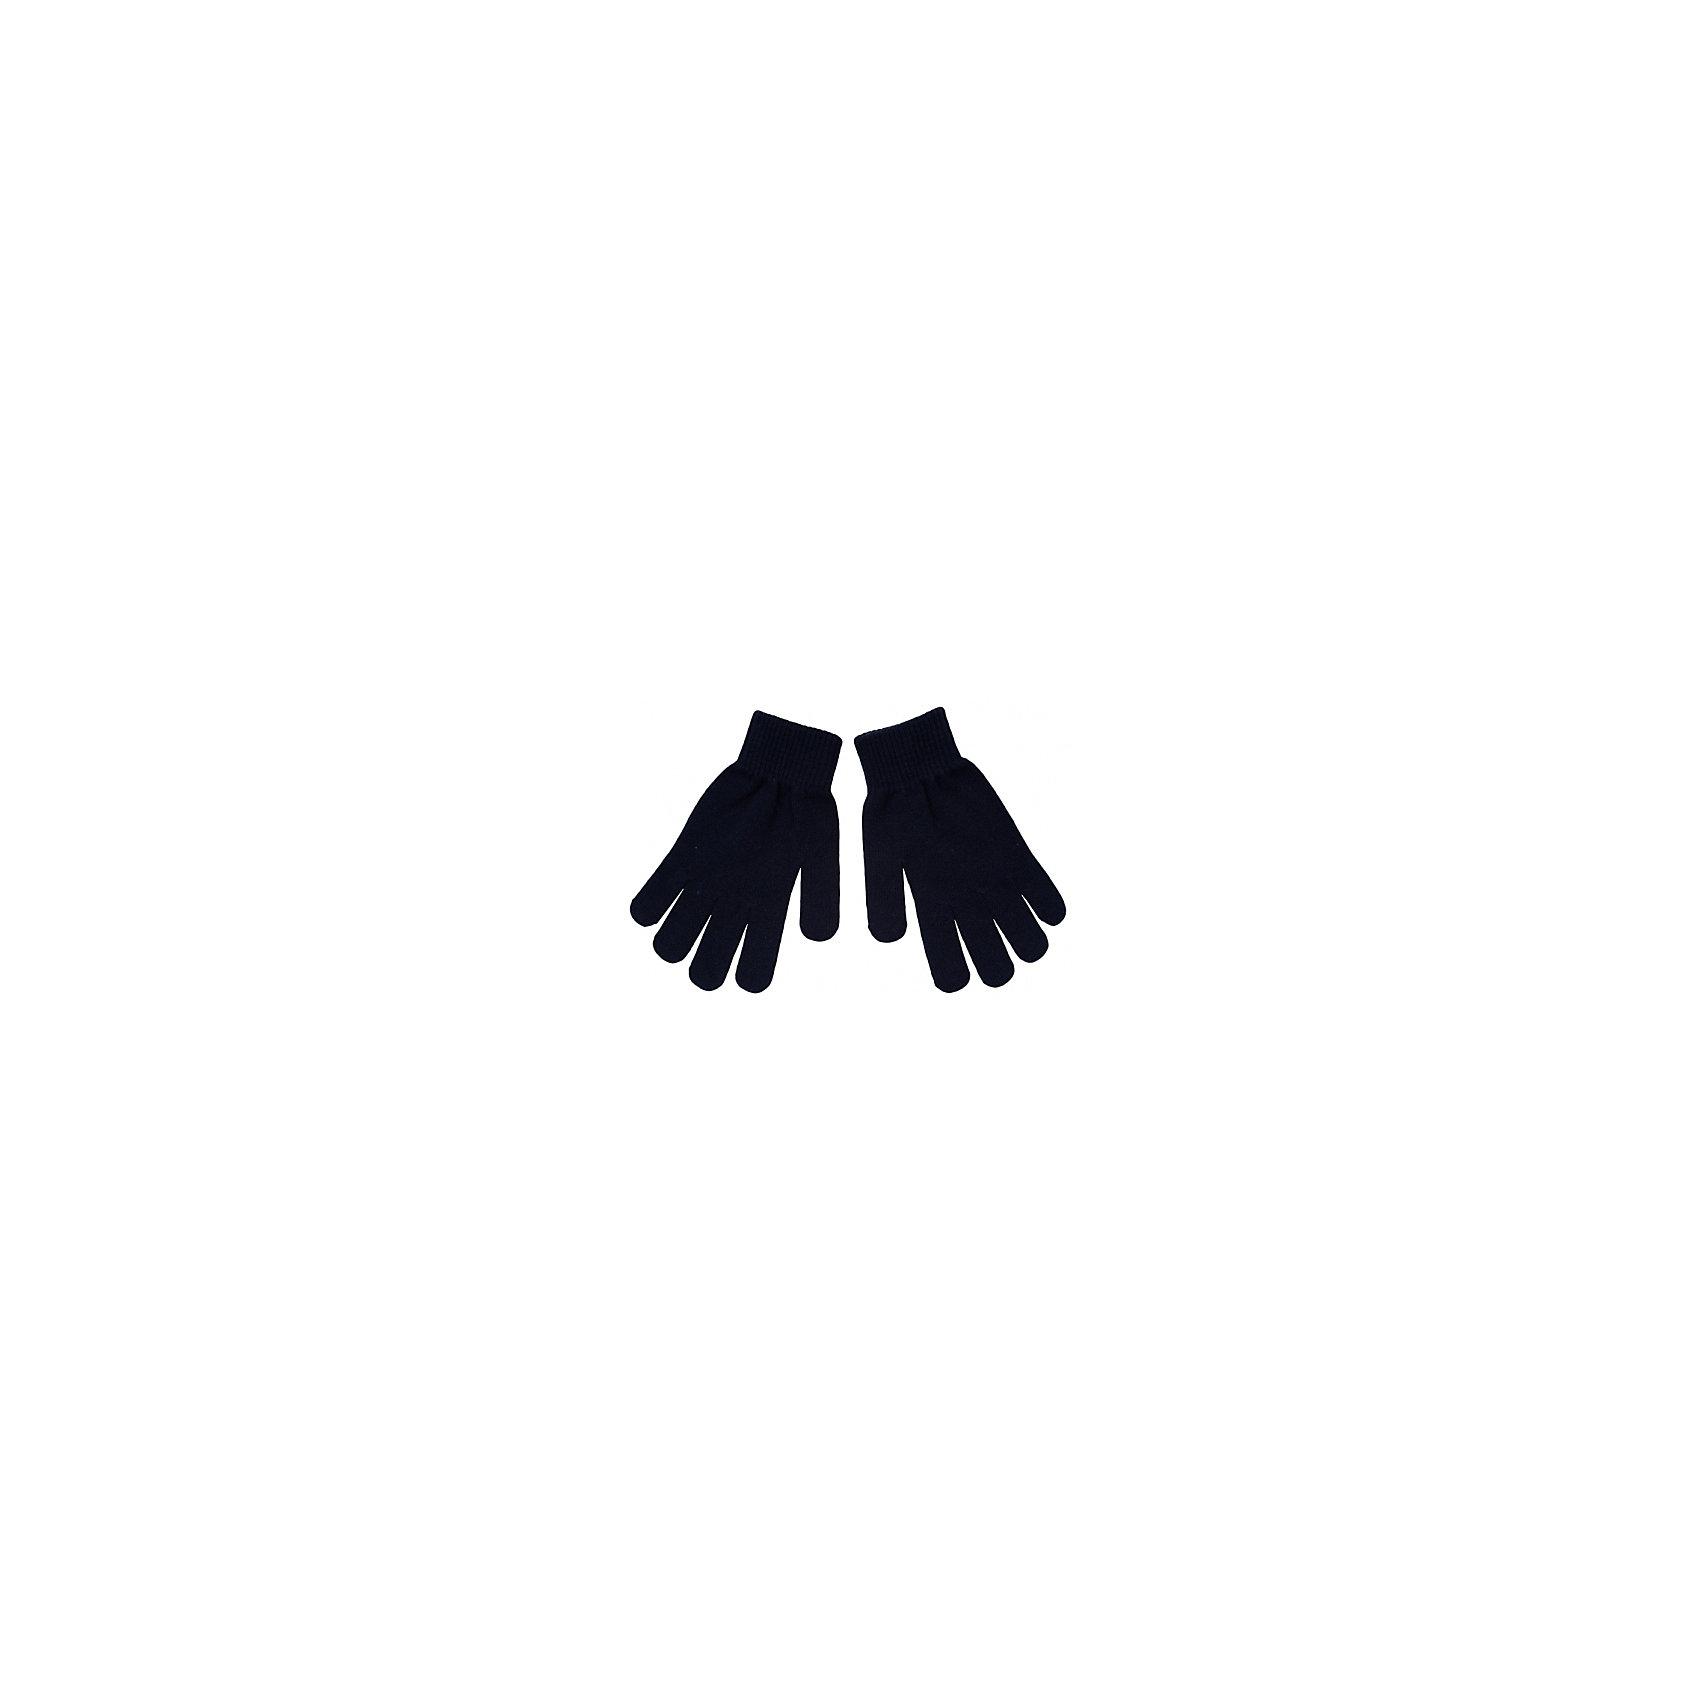 Перчатки для мальчика ScoolПерчатки, варежки<br>Перчатки для мальчика из коллекции «Скорость» от известного бренда Scool. Удобные перчатки из вязанного трикотажа на осень/весну. Приятный темно-синий цвет перчаток сочетается с классическим стилем перчаток. Мягкий материал приятен для носки и защищает от ветра и холода. Перчатки отлично подойдут как к пальто, так и к пуховикам и курткам. <br><br>Дополнительная информация:<br>Состав: 80% хлопок, 18% нейлон, 2% эластан<br><br>Перчатки для мальчика Scool можно купить в нашем интернет-магазине.<br><br>Подробнее:<br>• Для детей в возрасте: от 8 до 14 лет<br>• Номер товара: 4911522<br>Страна производитель: Китай<br><br>Ширина мм: 162<br>Глубина мм: 171<br>Высота мм: 55<br>Вес г: 119<br>Цвет: синий<br>Возраст от месяцев: 3<br>Возраст до месяцев: 6<br>Пол: Мужской<br>Возраст: Детский<br>Размер: 18,17,16<br>SKU: 4911521